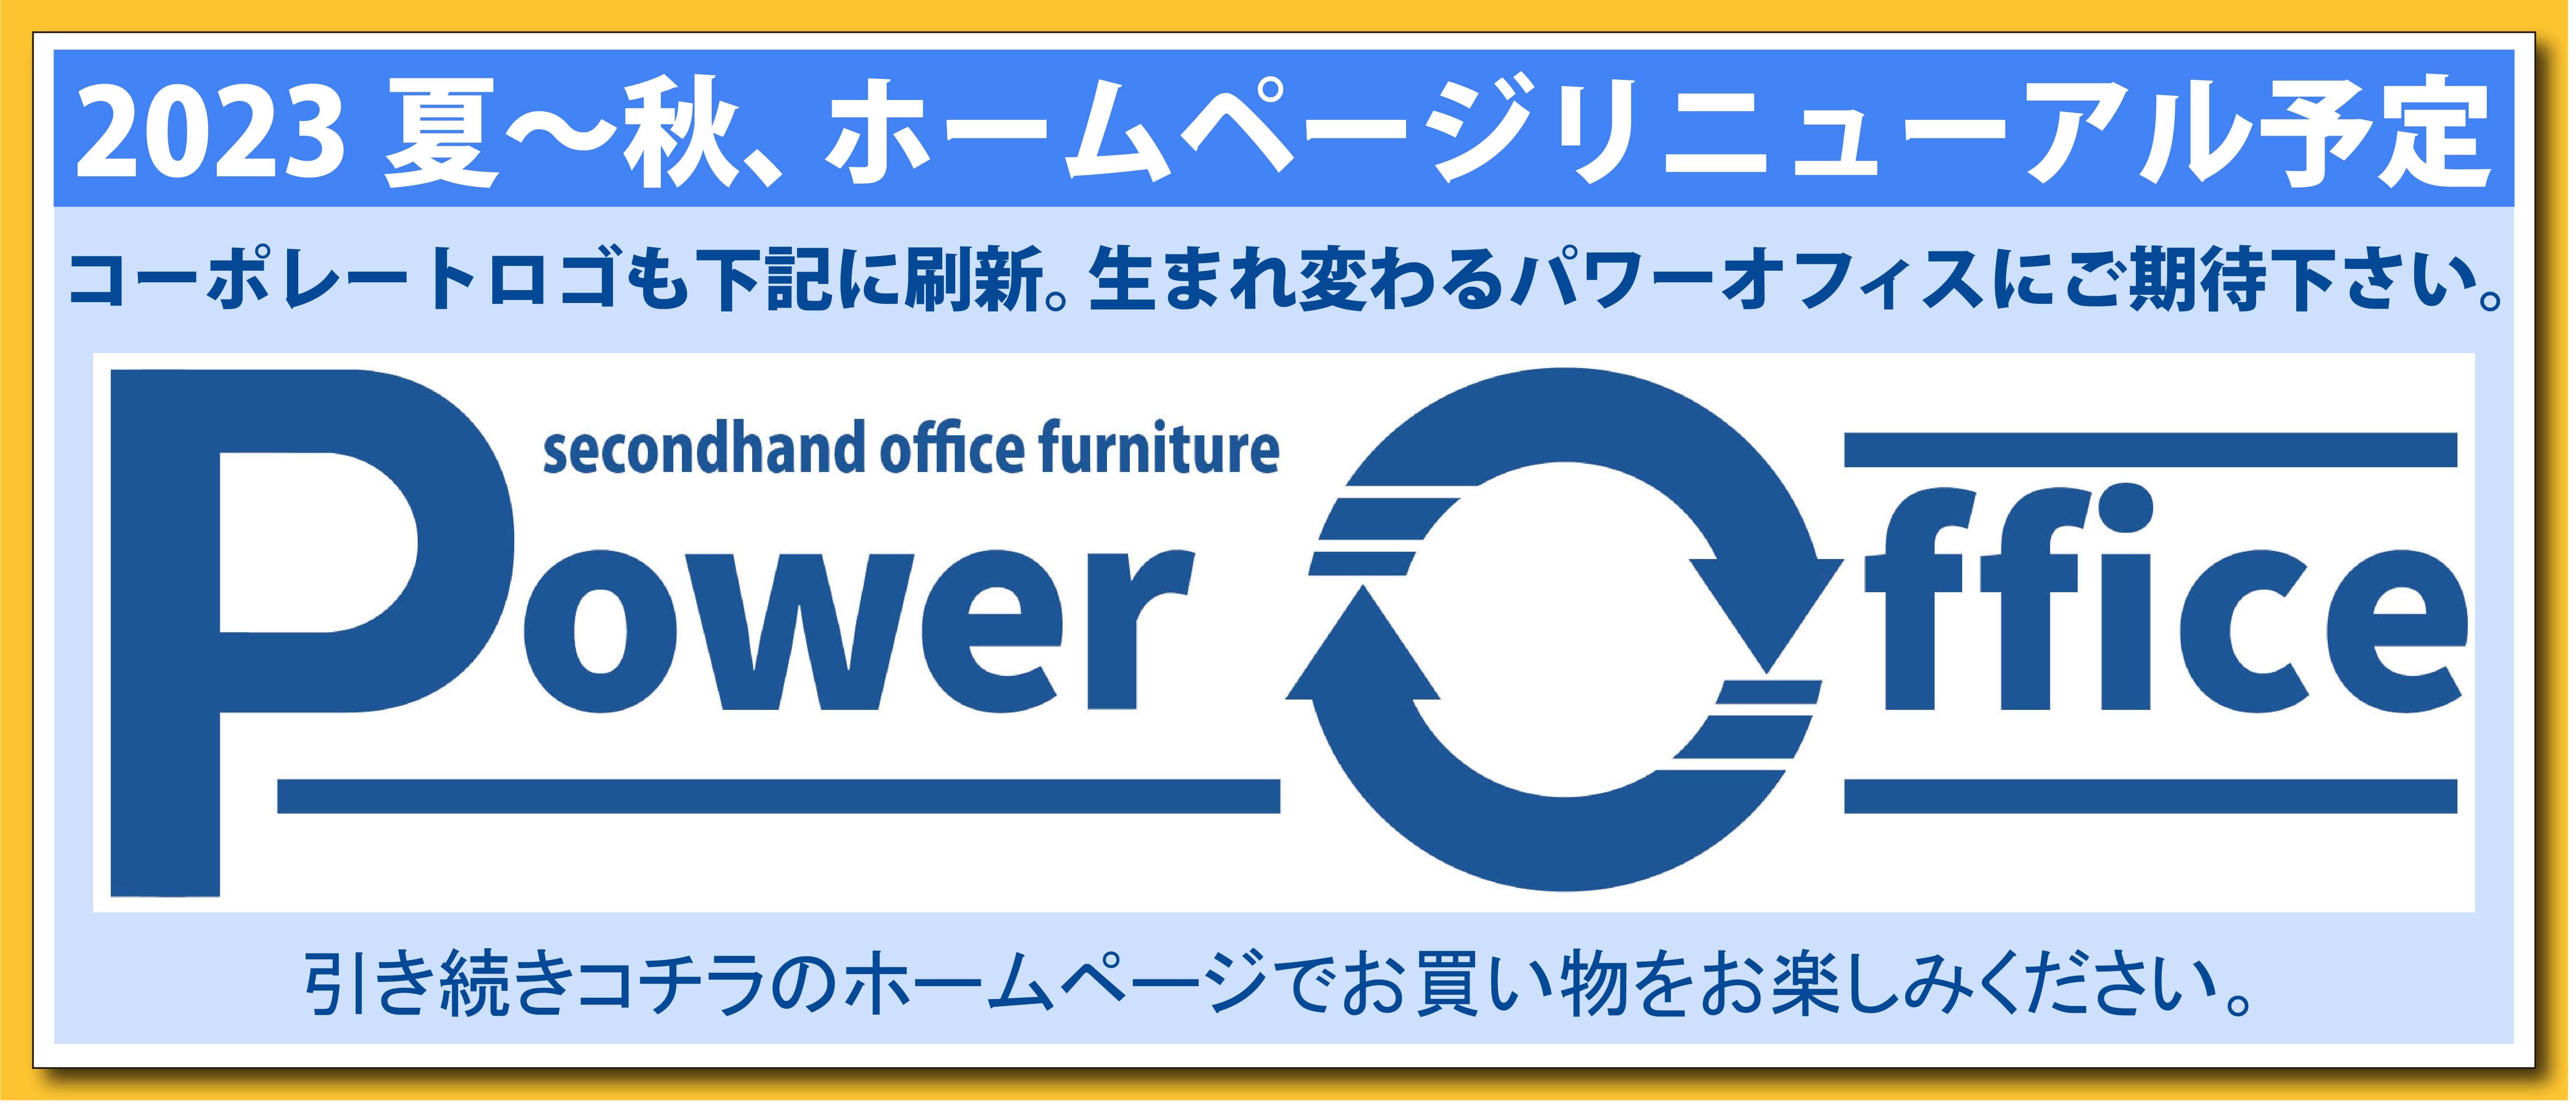 オフィス家具・中古オフィス家具販売の「POWER OFFICE(パワーオフィス)」